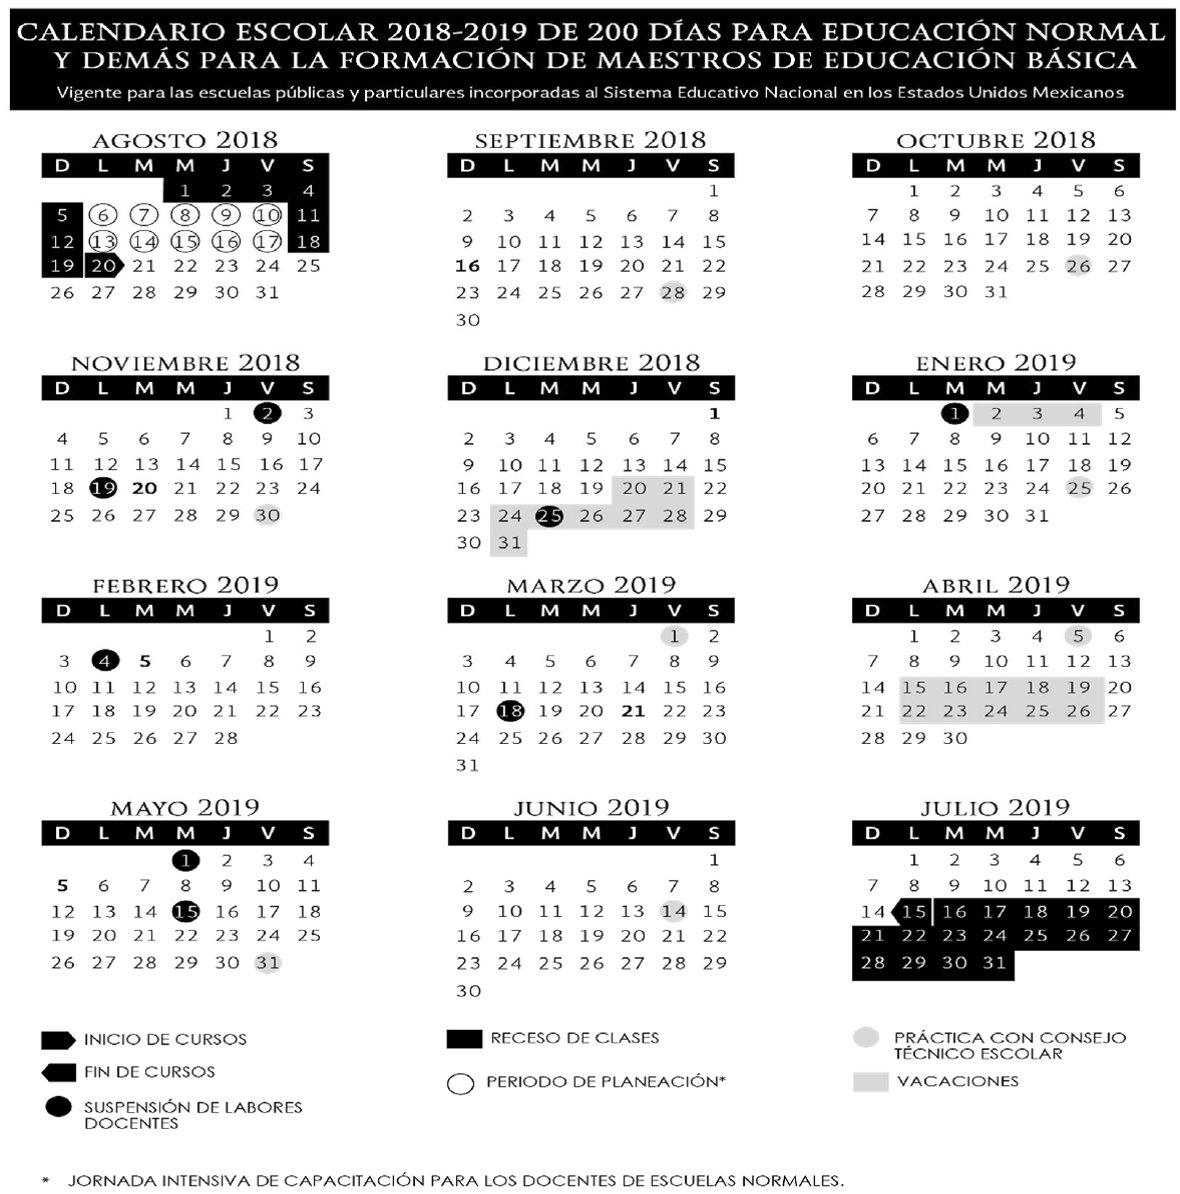 Calendario Vacaciones.Calendario Escolar 2019 2020 La Economia